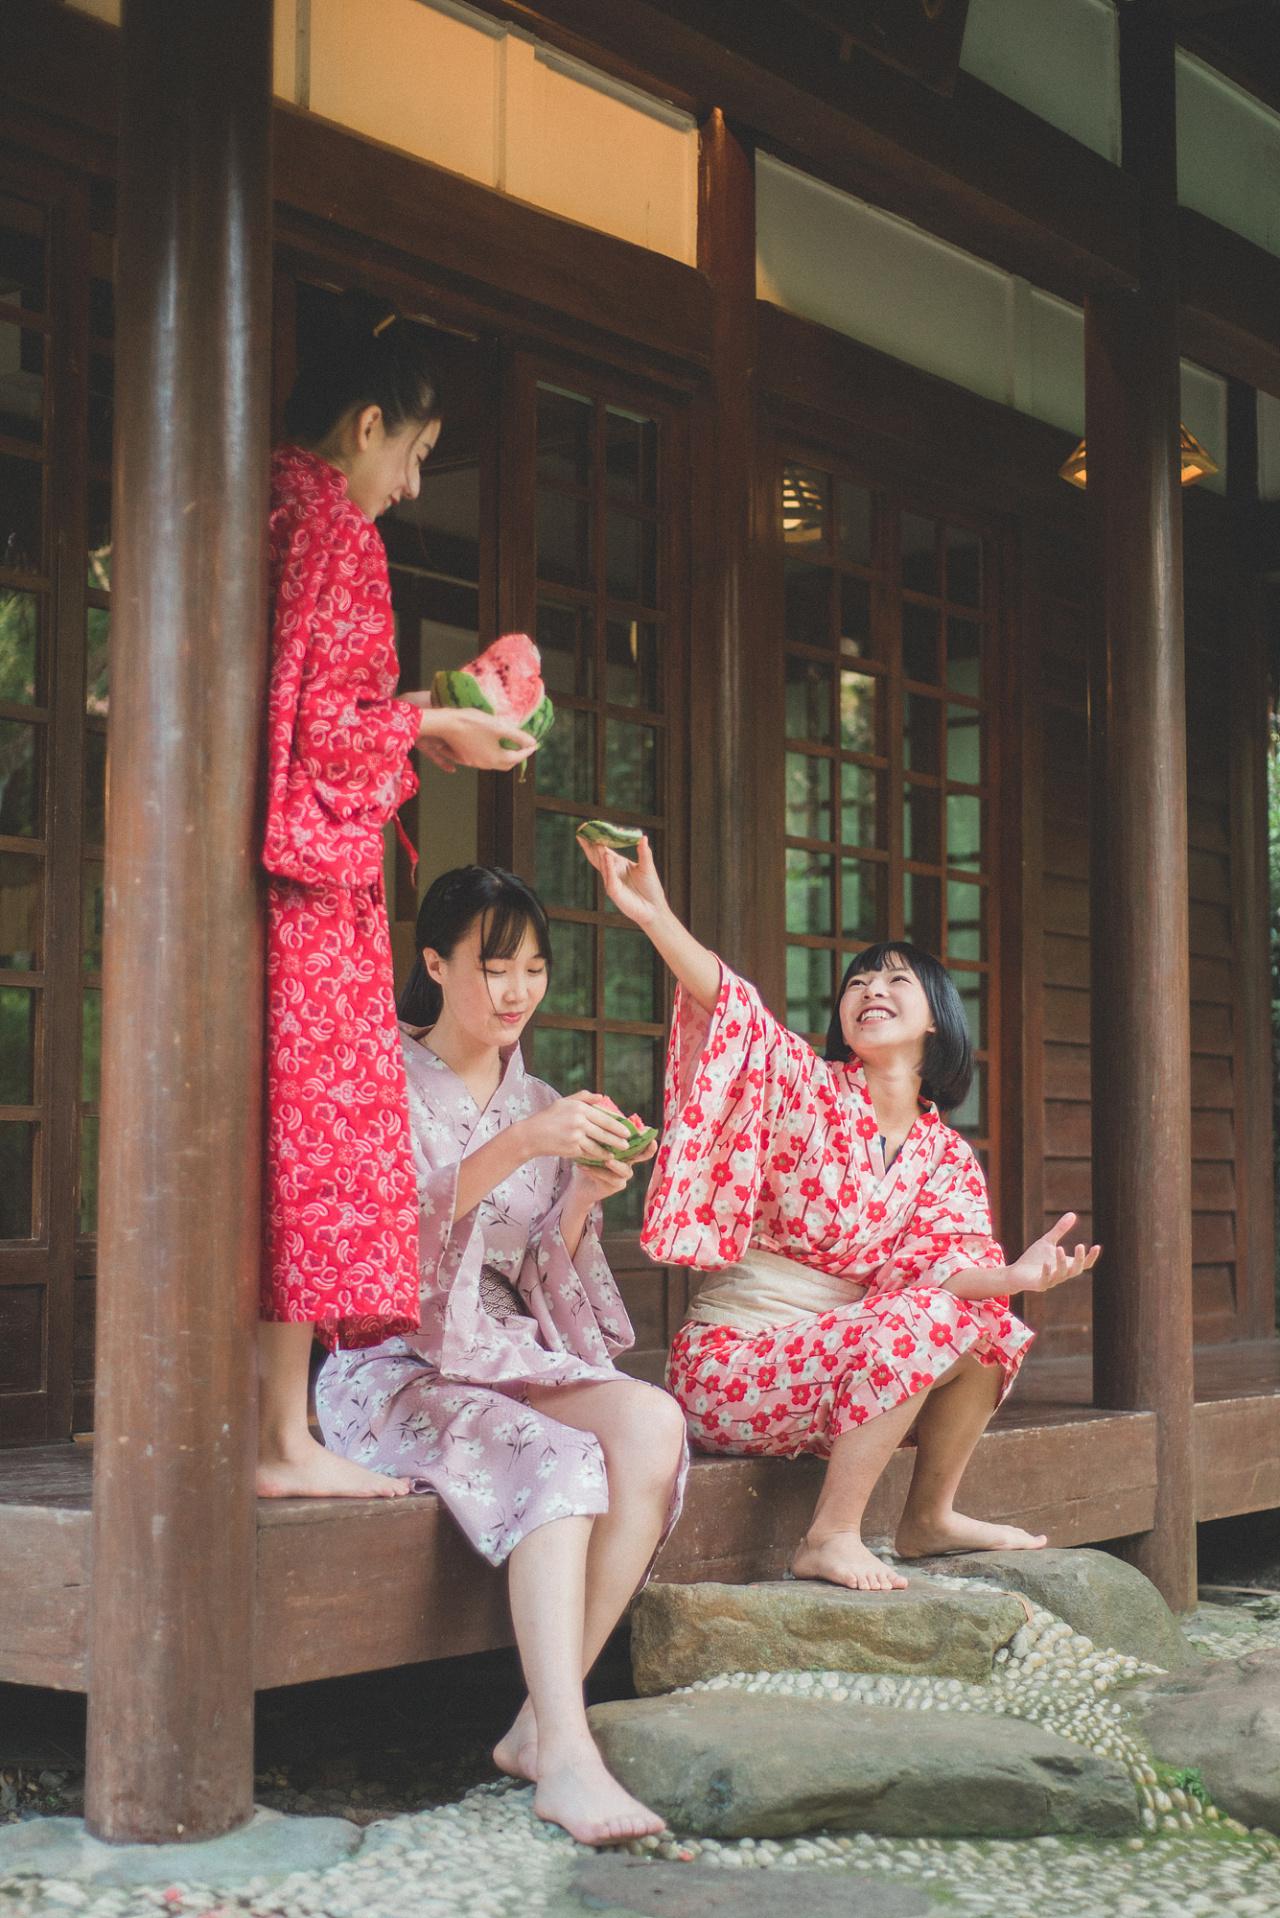 商业街图片_海街日记|摄影|人像|林走心 - 原创作品 - 站酷 (ZCOOL)